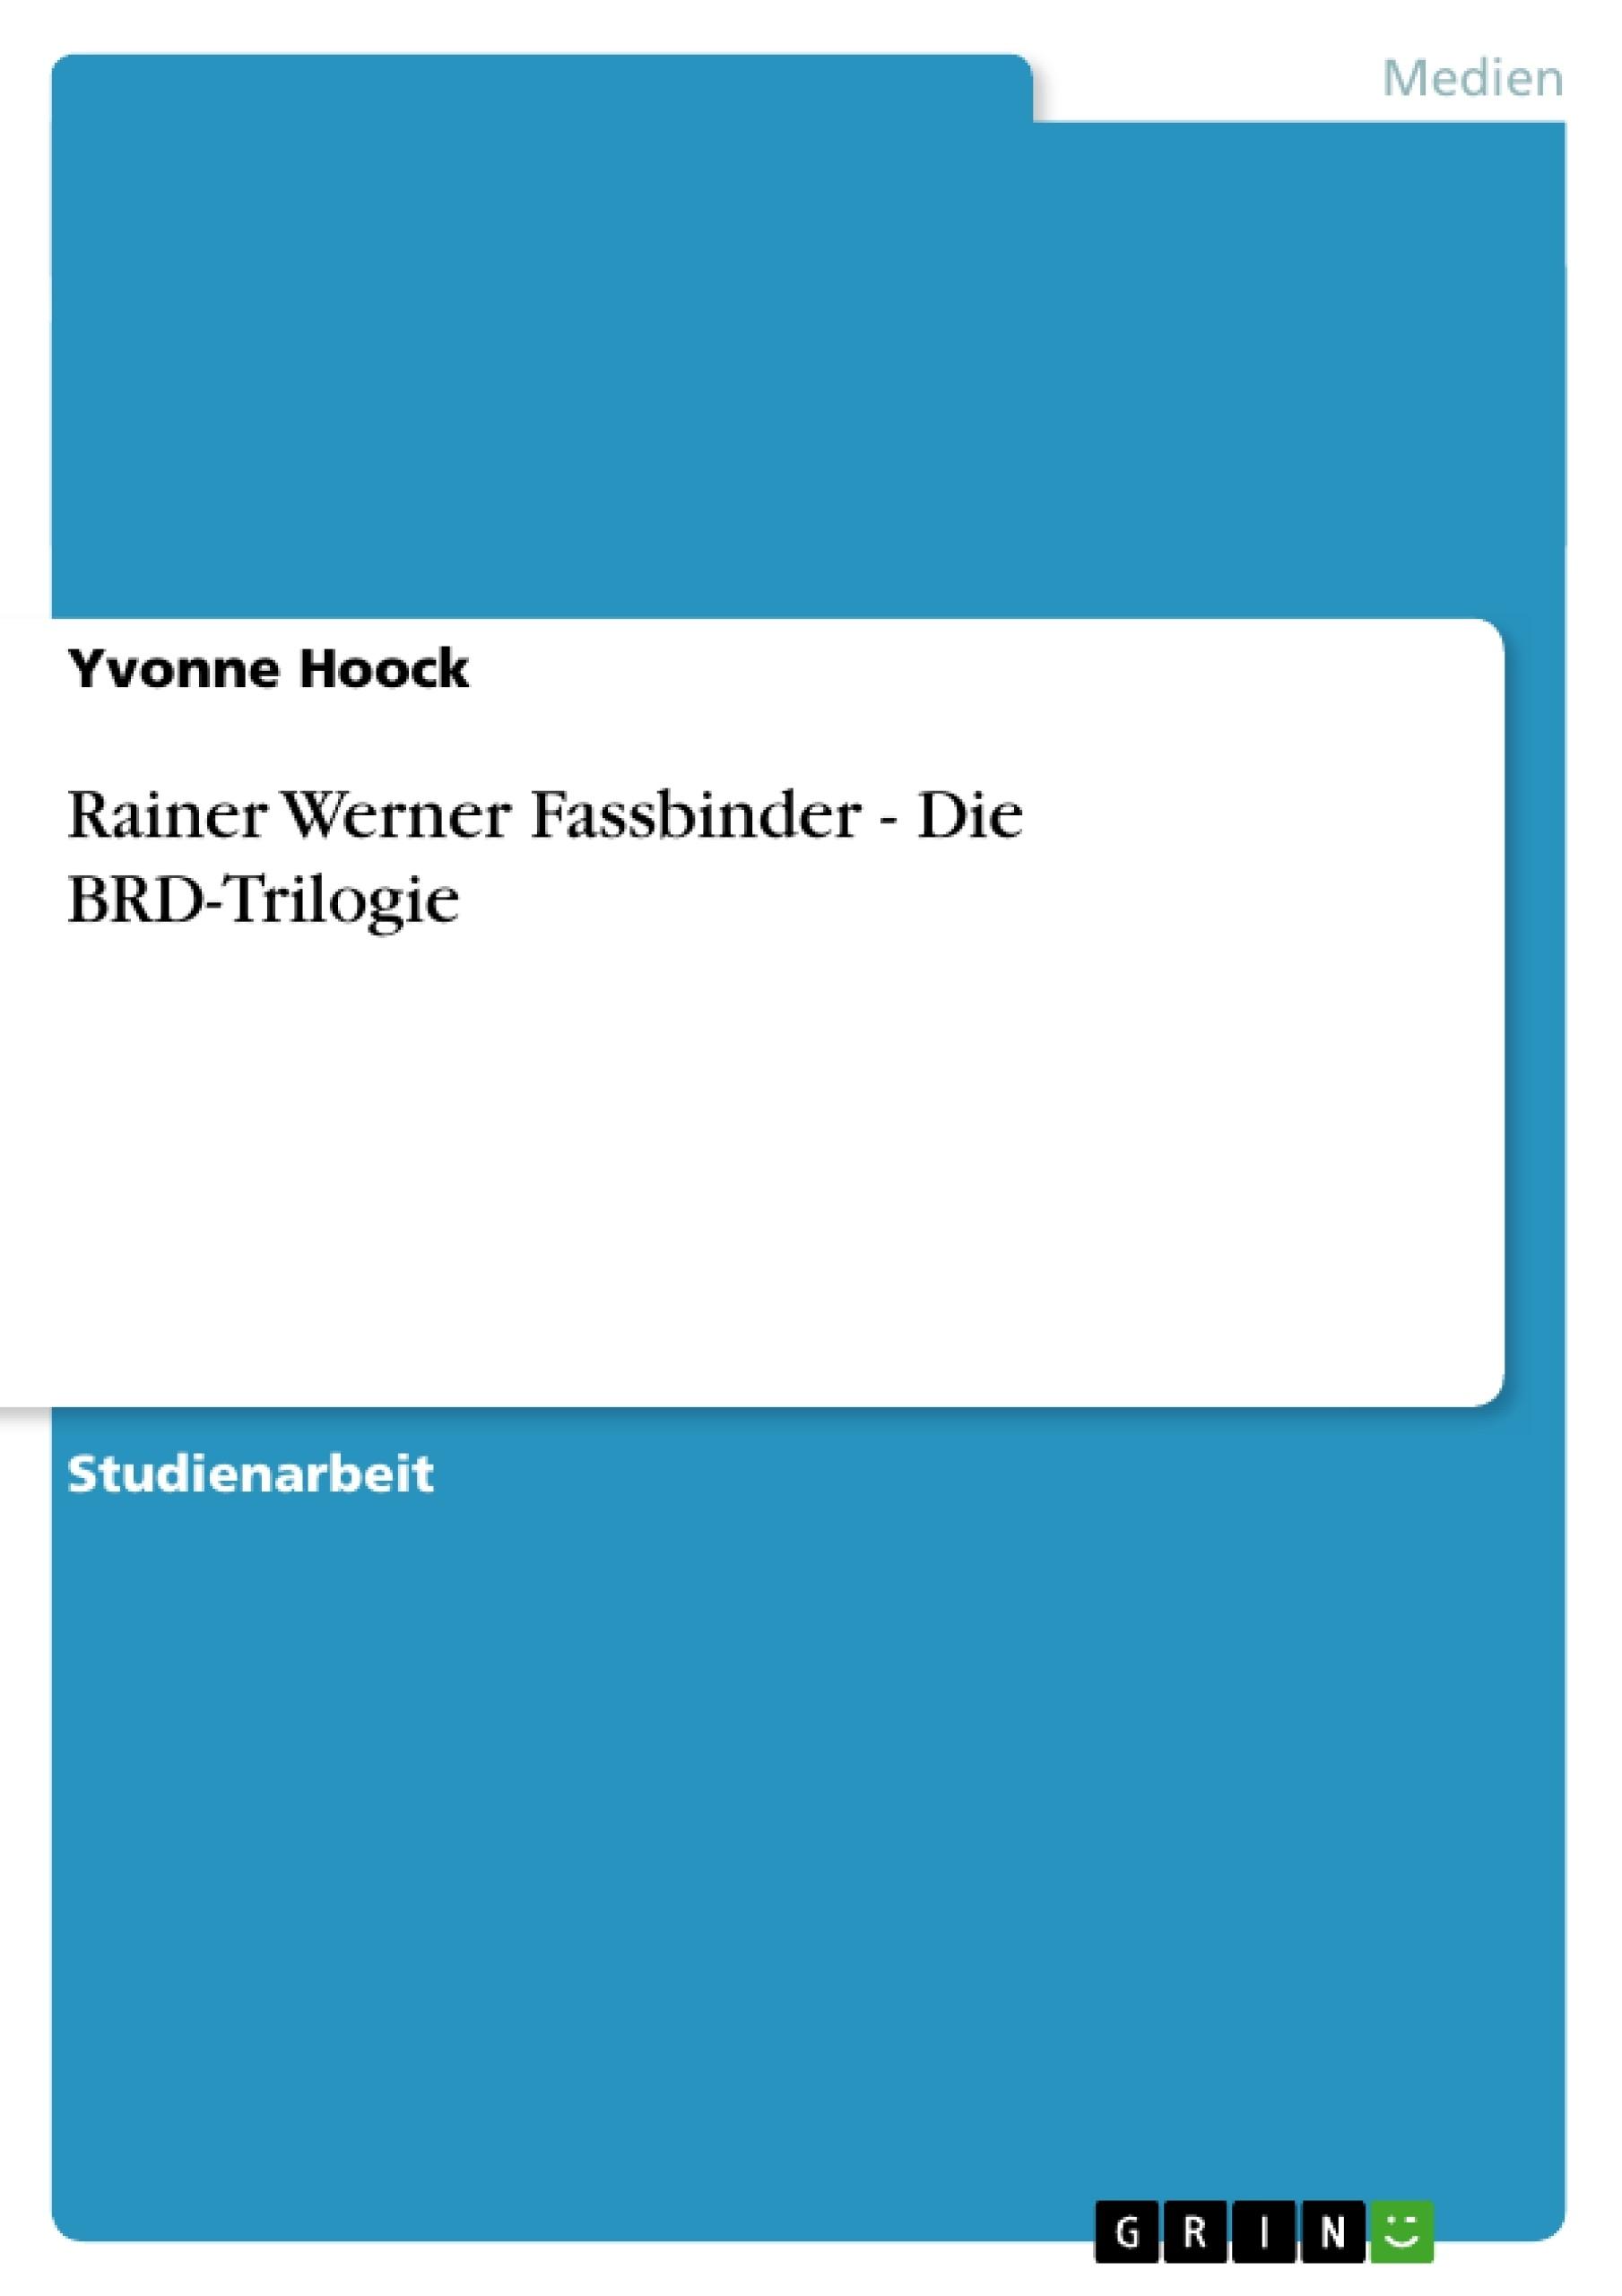 Titel: Rainer Werner Fassbinder - Die BRD-Trilogie